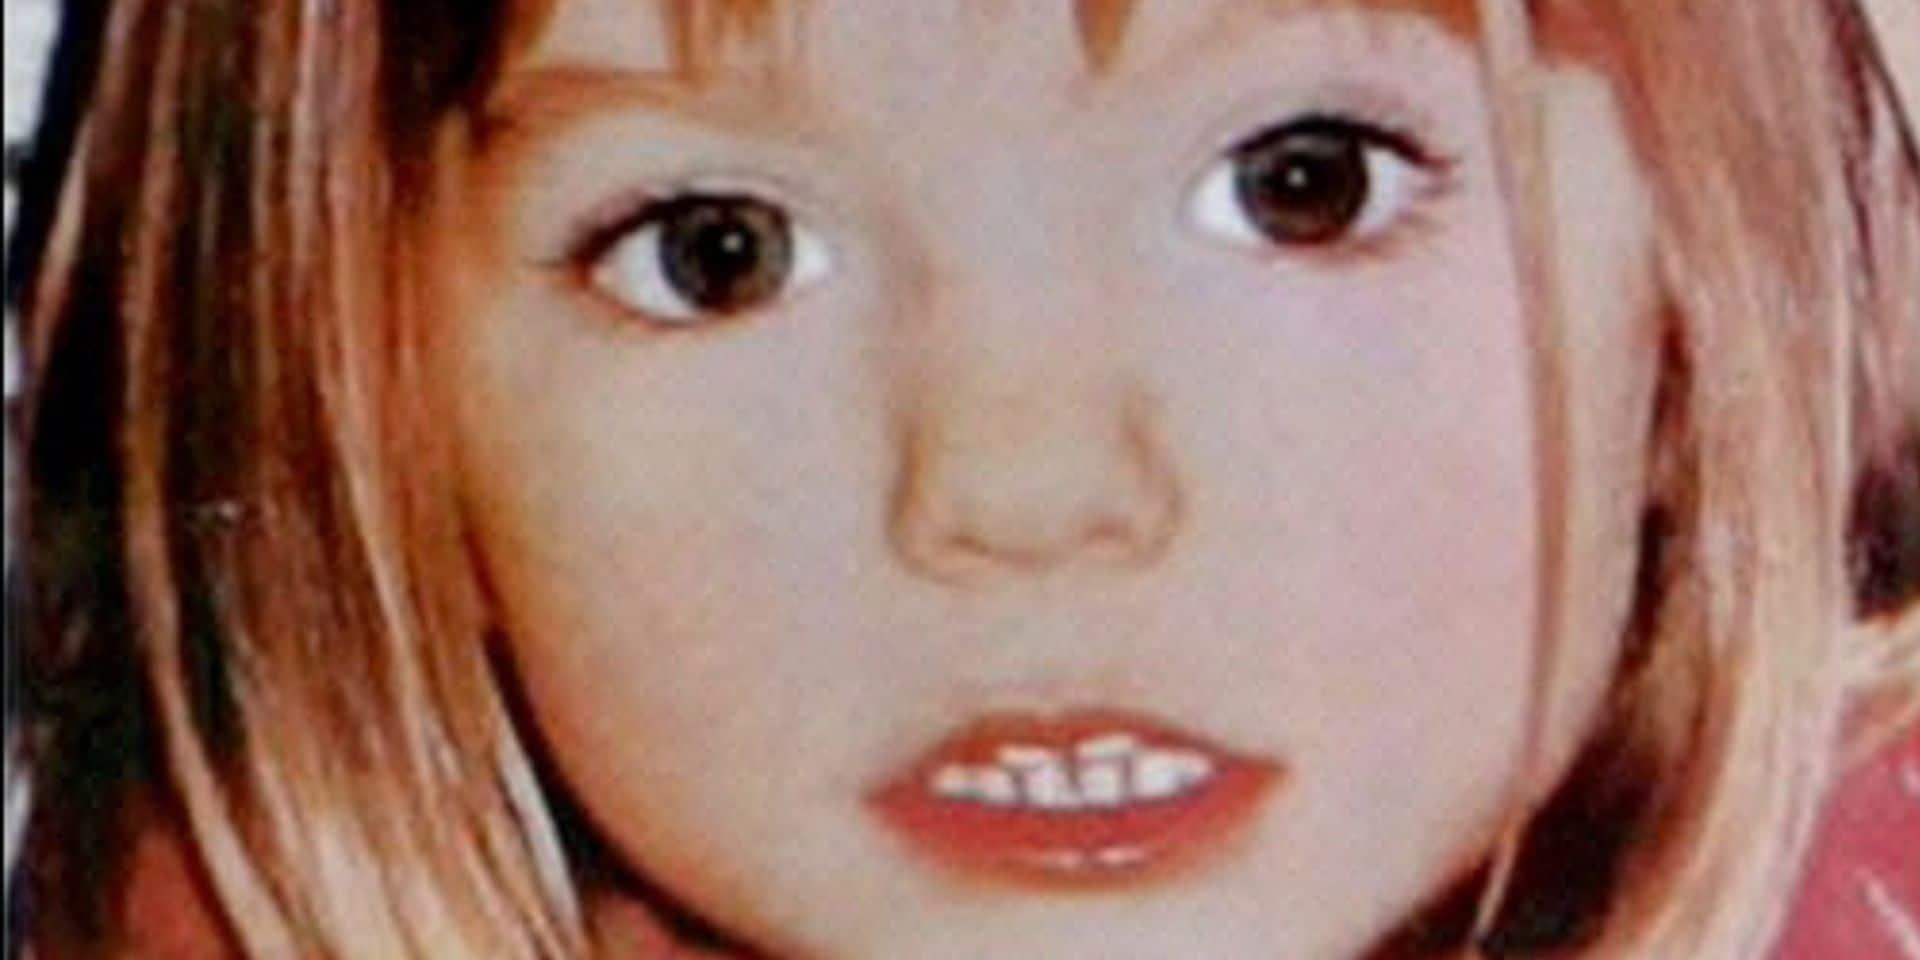 Quatorze ans après la disparition de Maddie, ses parents marquent son 18e anniversaire